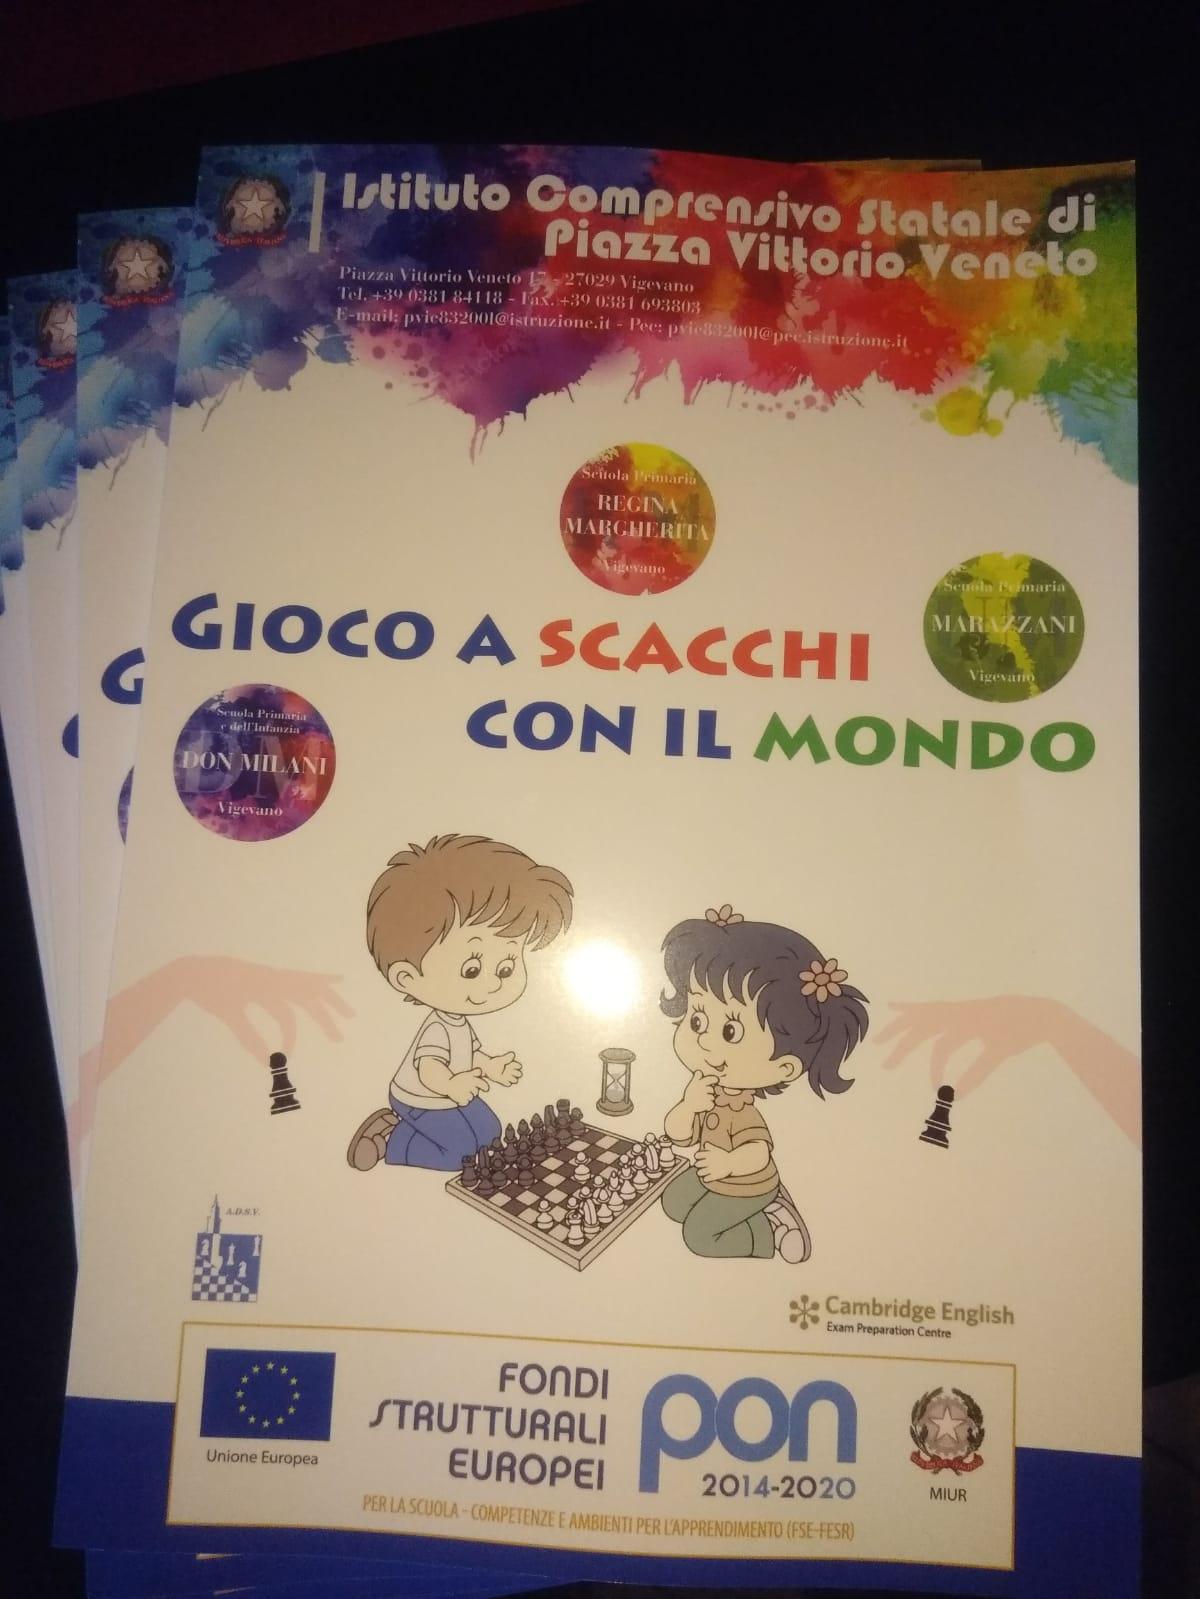 Calendario Tornei Scacchi.Crl Comitato Regionale Lombardo Sito Ufficiale Del